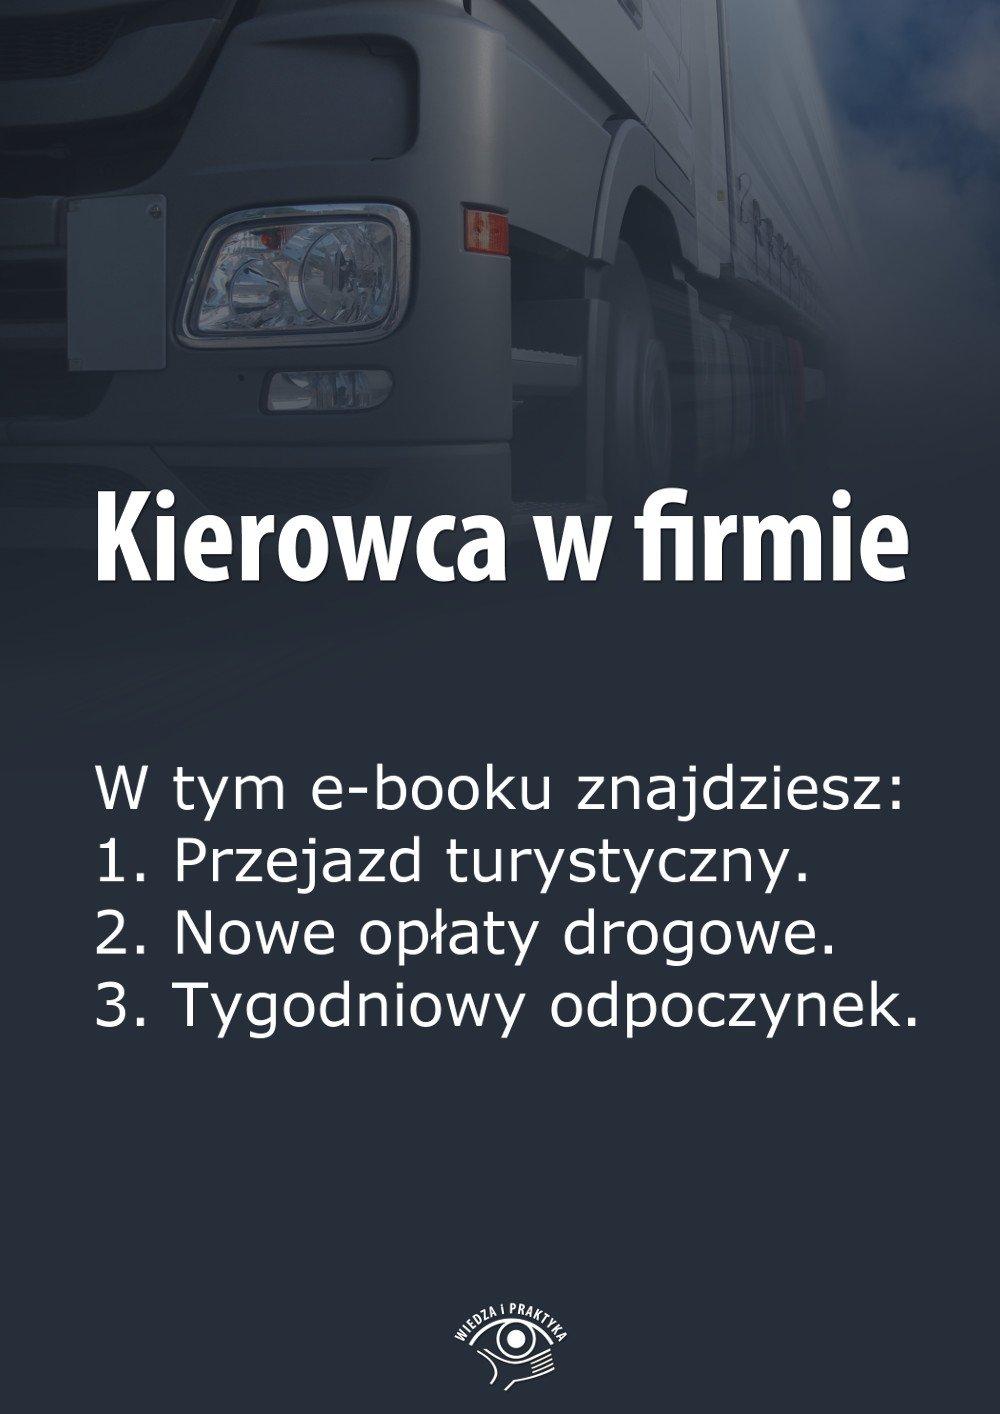 Kierowca w firmie. Wydanie marzec 2014 r. - Ebook (Książka EPUB) do pobrania w formacie EPUB